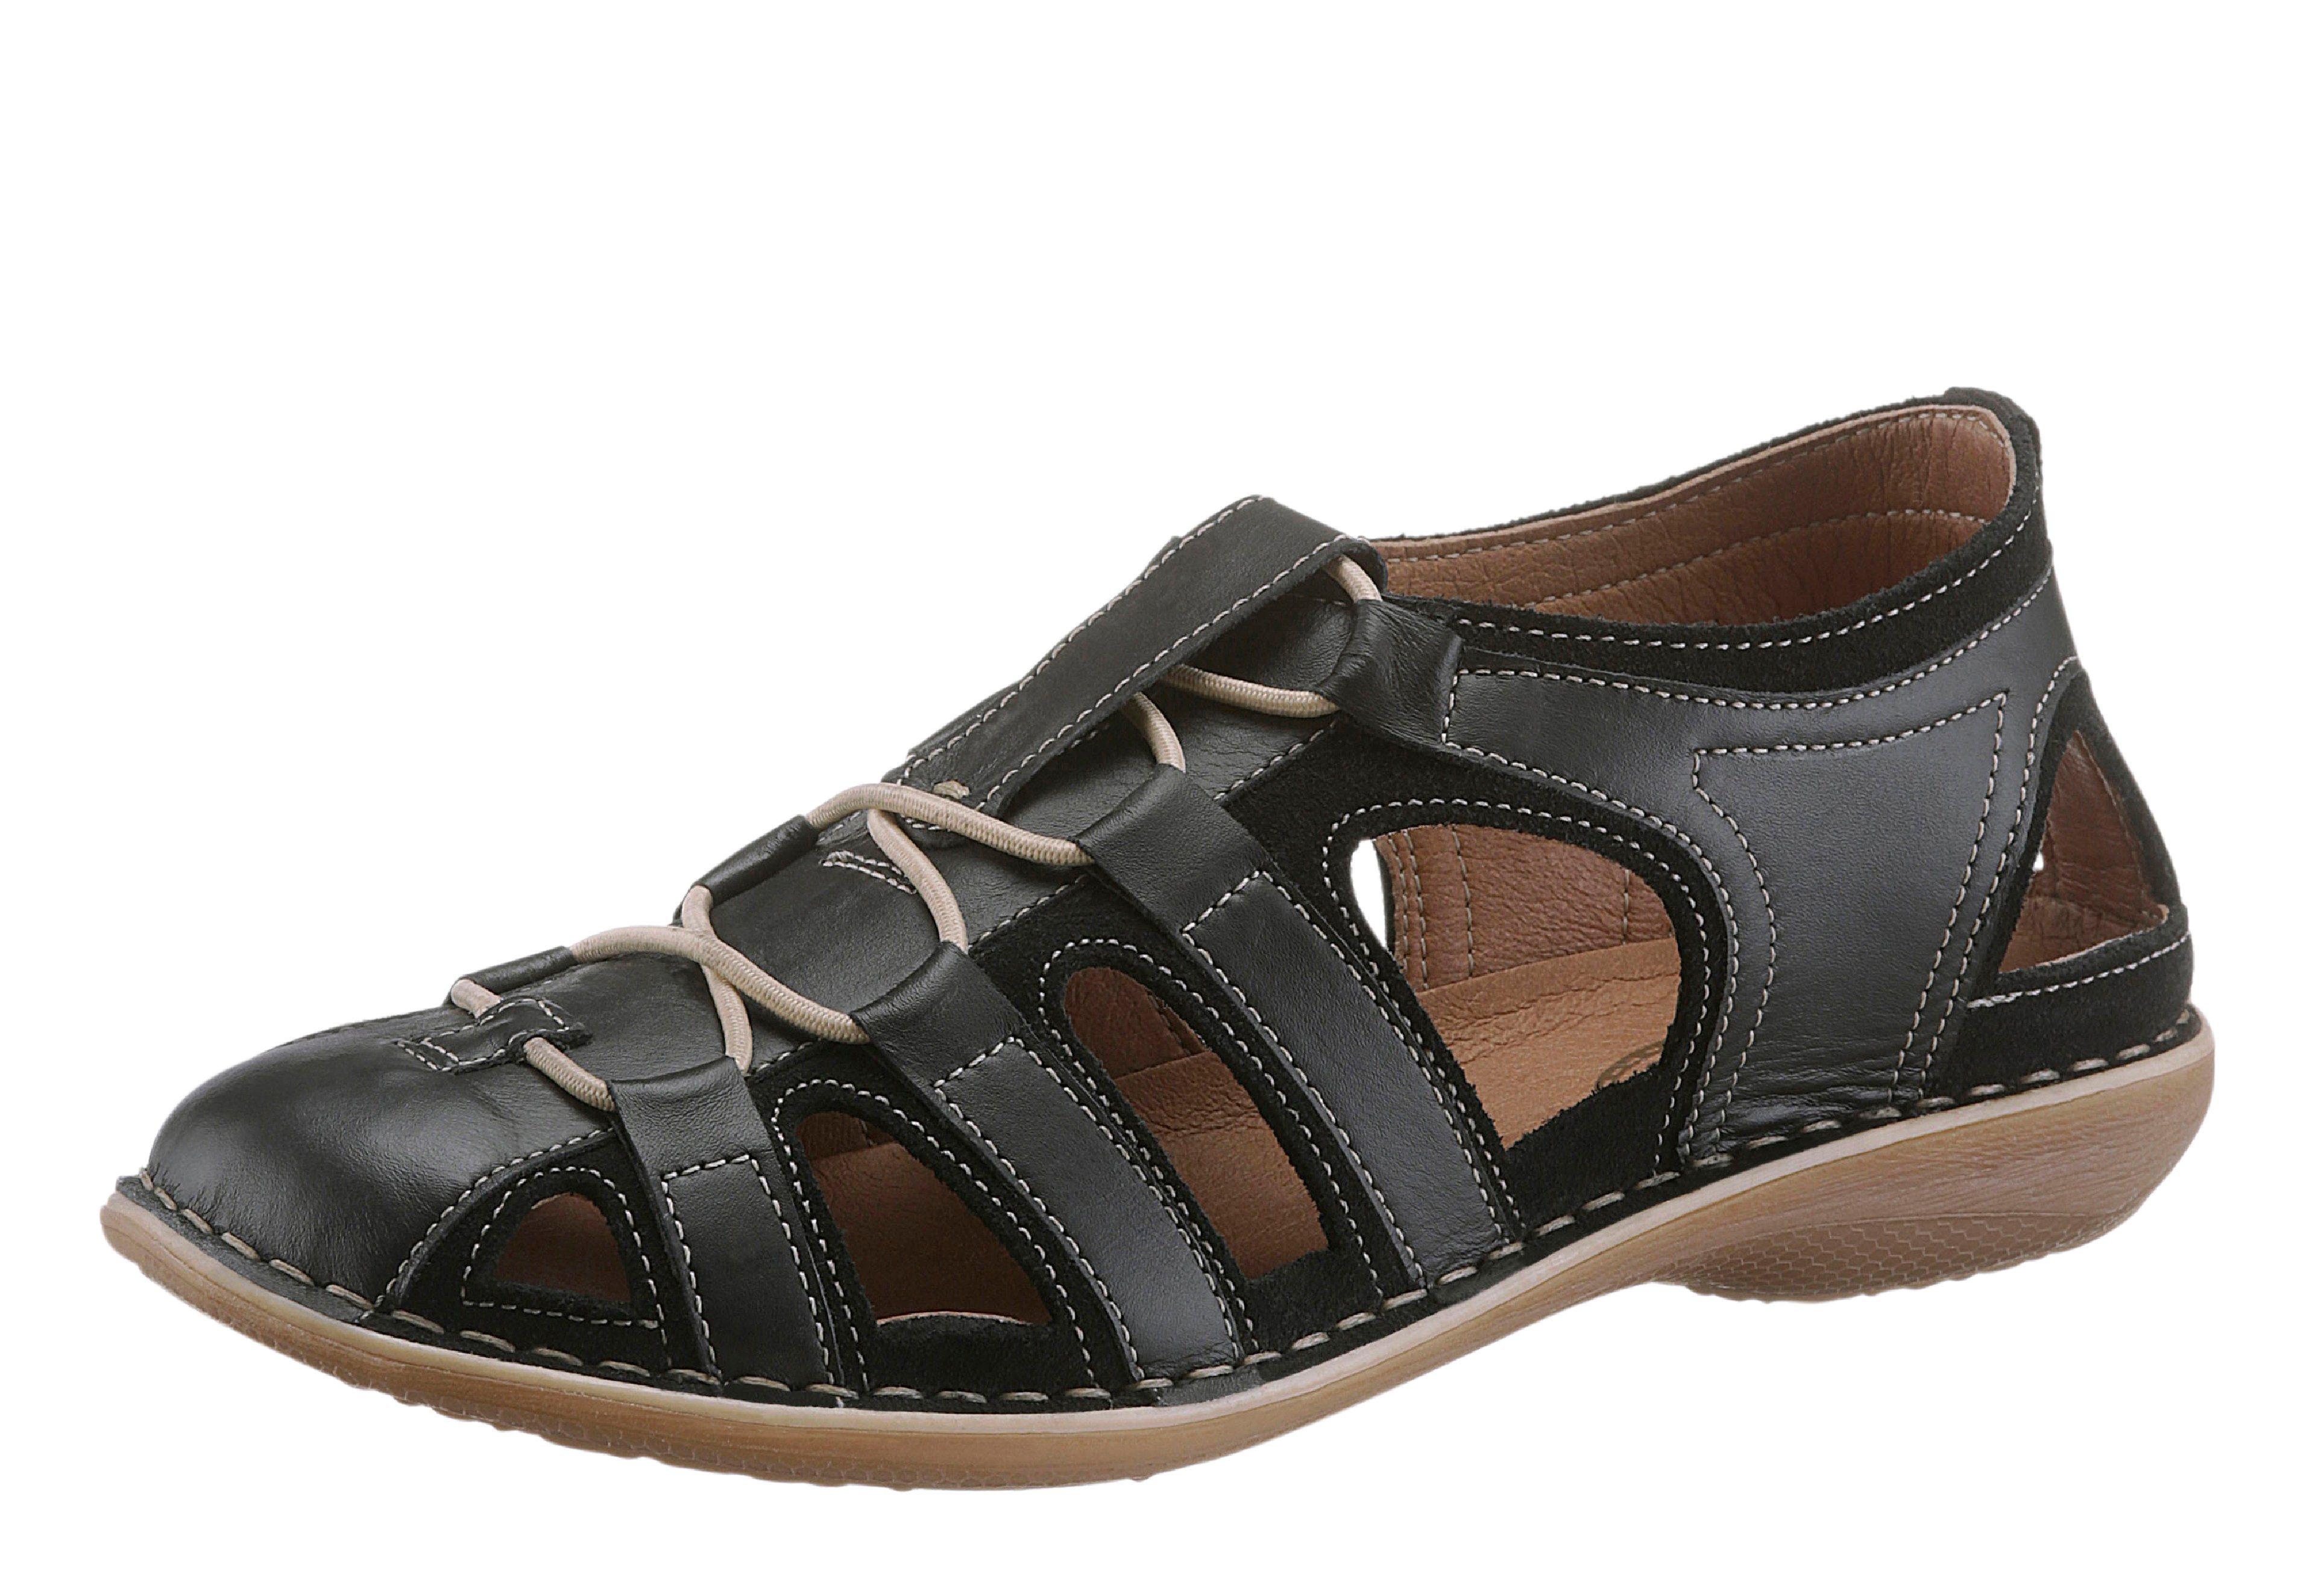 Corkies Sandalette mit rutschhemmender und flexibler PU-Laufsohle   Schuhe > Sandalen & Zehentrenner > Sandalen   Pu   Corkies